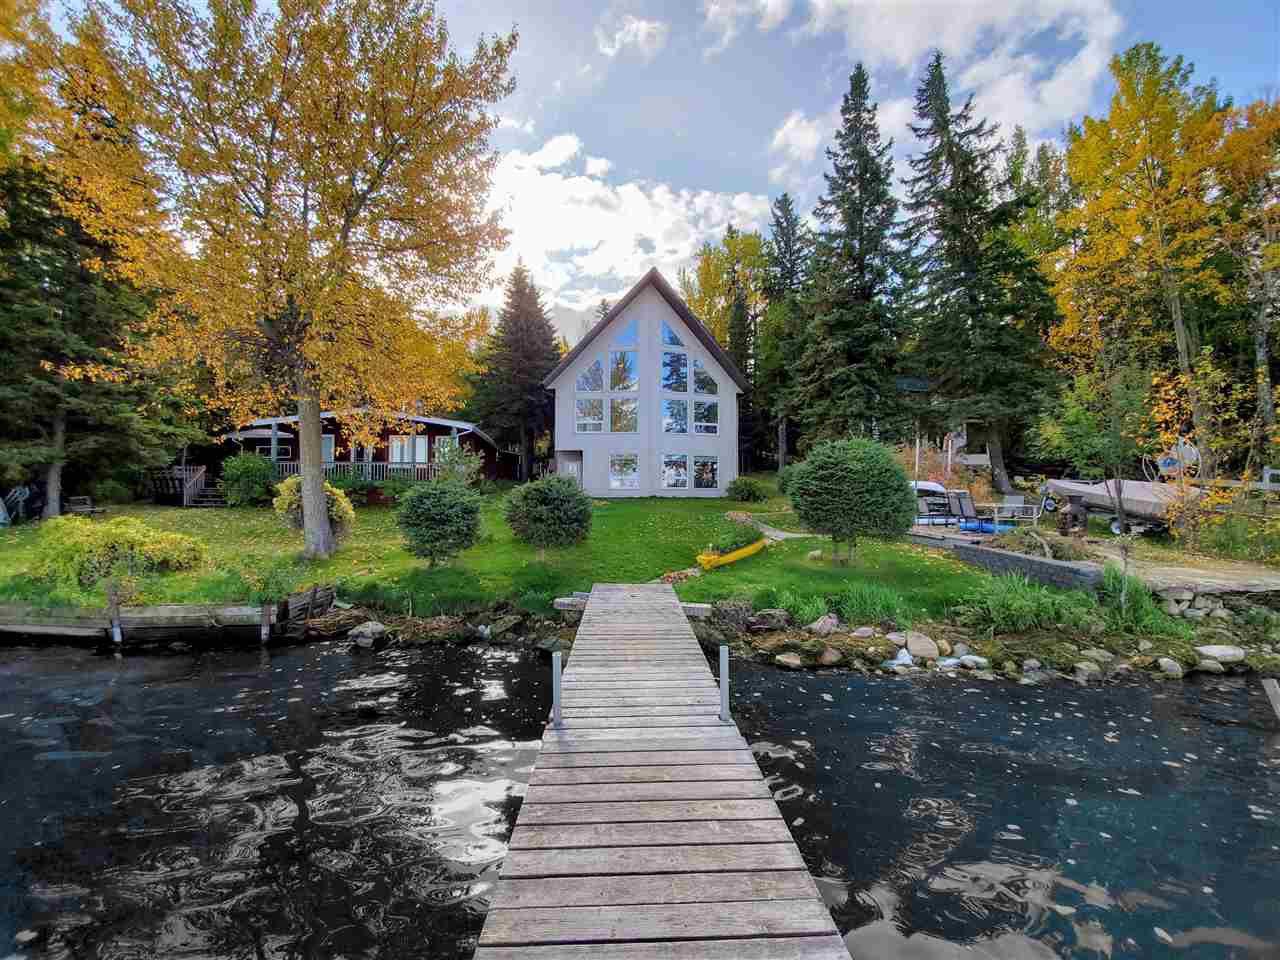 Main Photo: 16 Fir Avenue: Rural Lac Ste. Anne County House for sale : MLS®# E4175563